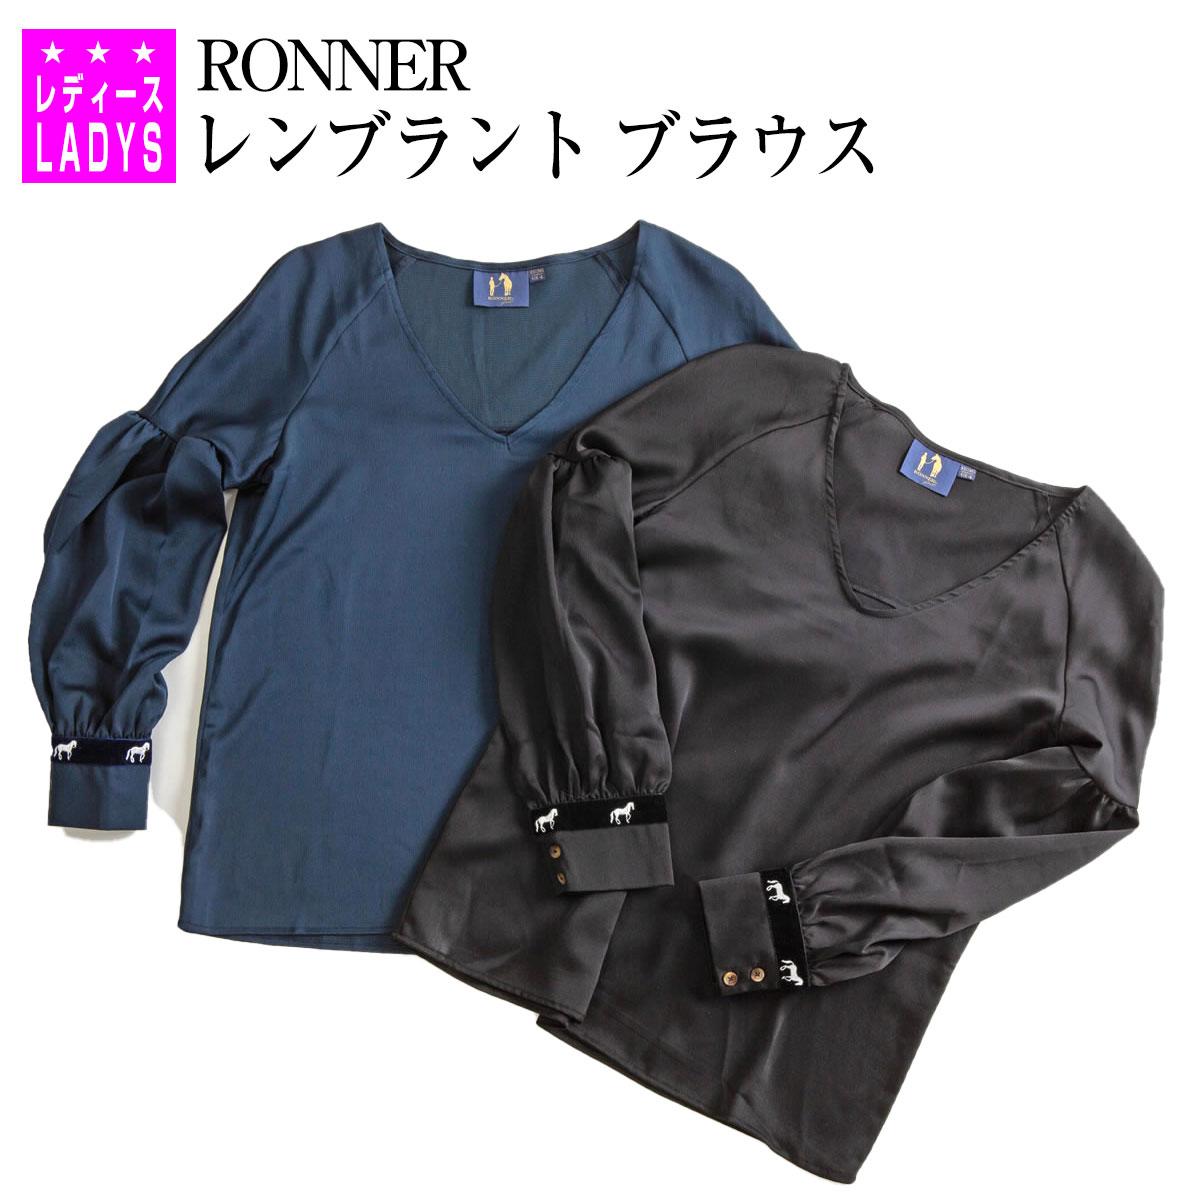 乗馬 ポロシャツ Tシャツ ティーシャツ 乗馬用ウエア 送料無料 RONNER レンブラント ブラウス 乗馬用品 馬具